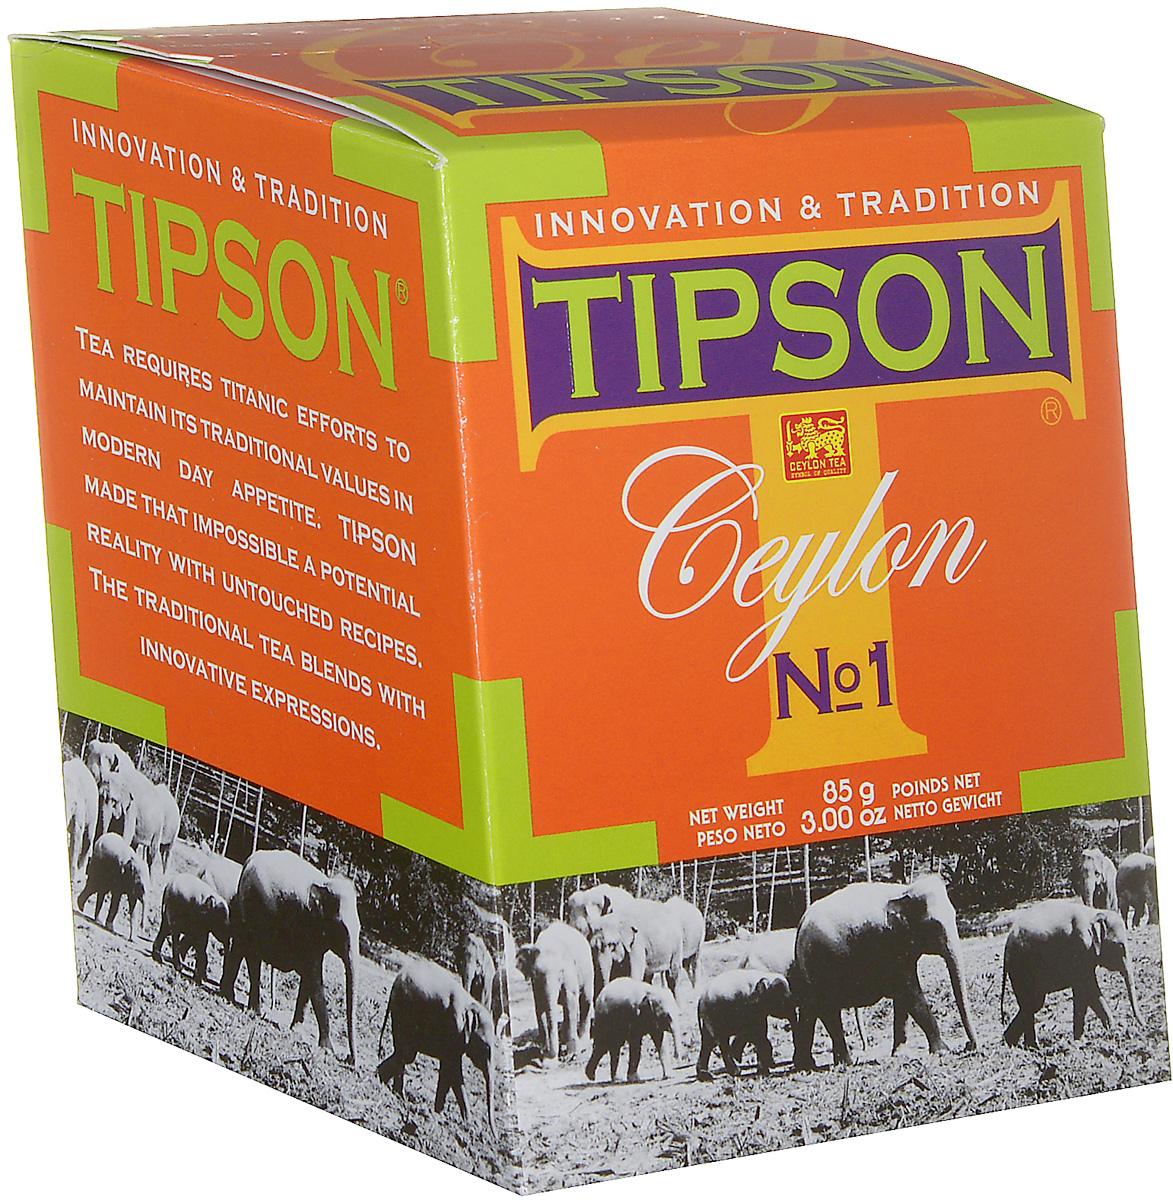 Tipson Ceylon №1 черный листовой чай, 85 г0120710Чай чёрный цейлонский байховый листовой Tipson Ceylon №1. Чай, произрастающий на острове Цейлон, давно признан лучшим в мире. Эксперты Tipson предлагают вам чай №1, в котором найден гармоничный баланс между силой вкуса и элегантностью аромата.Уважаемые клиенты!Обращаем ваше внимание на возможные изменения в дизайне упаковки. Качественные характеристики товара остаются неизменными. Поставка осуществляется в зависимости от наличия на складе.